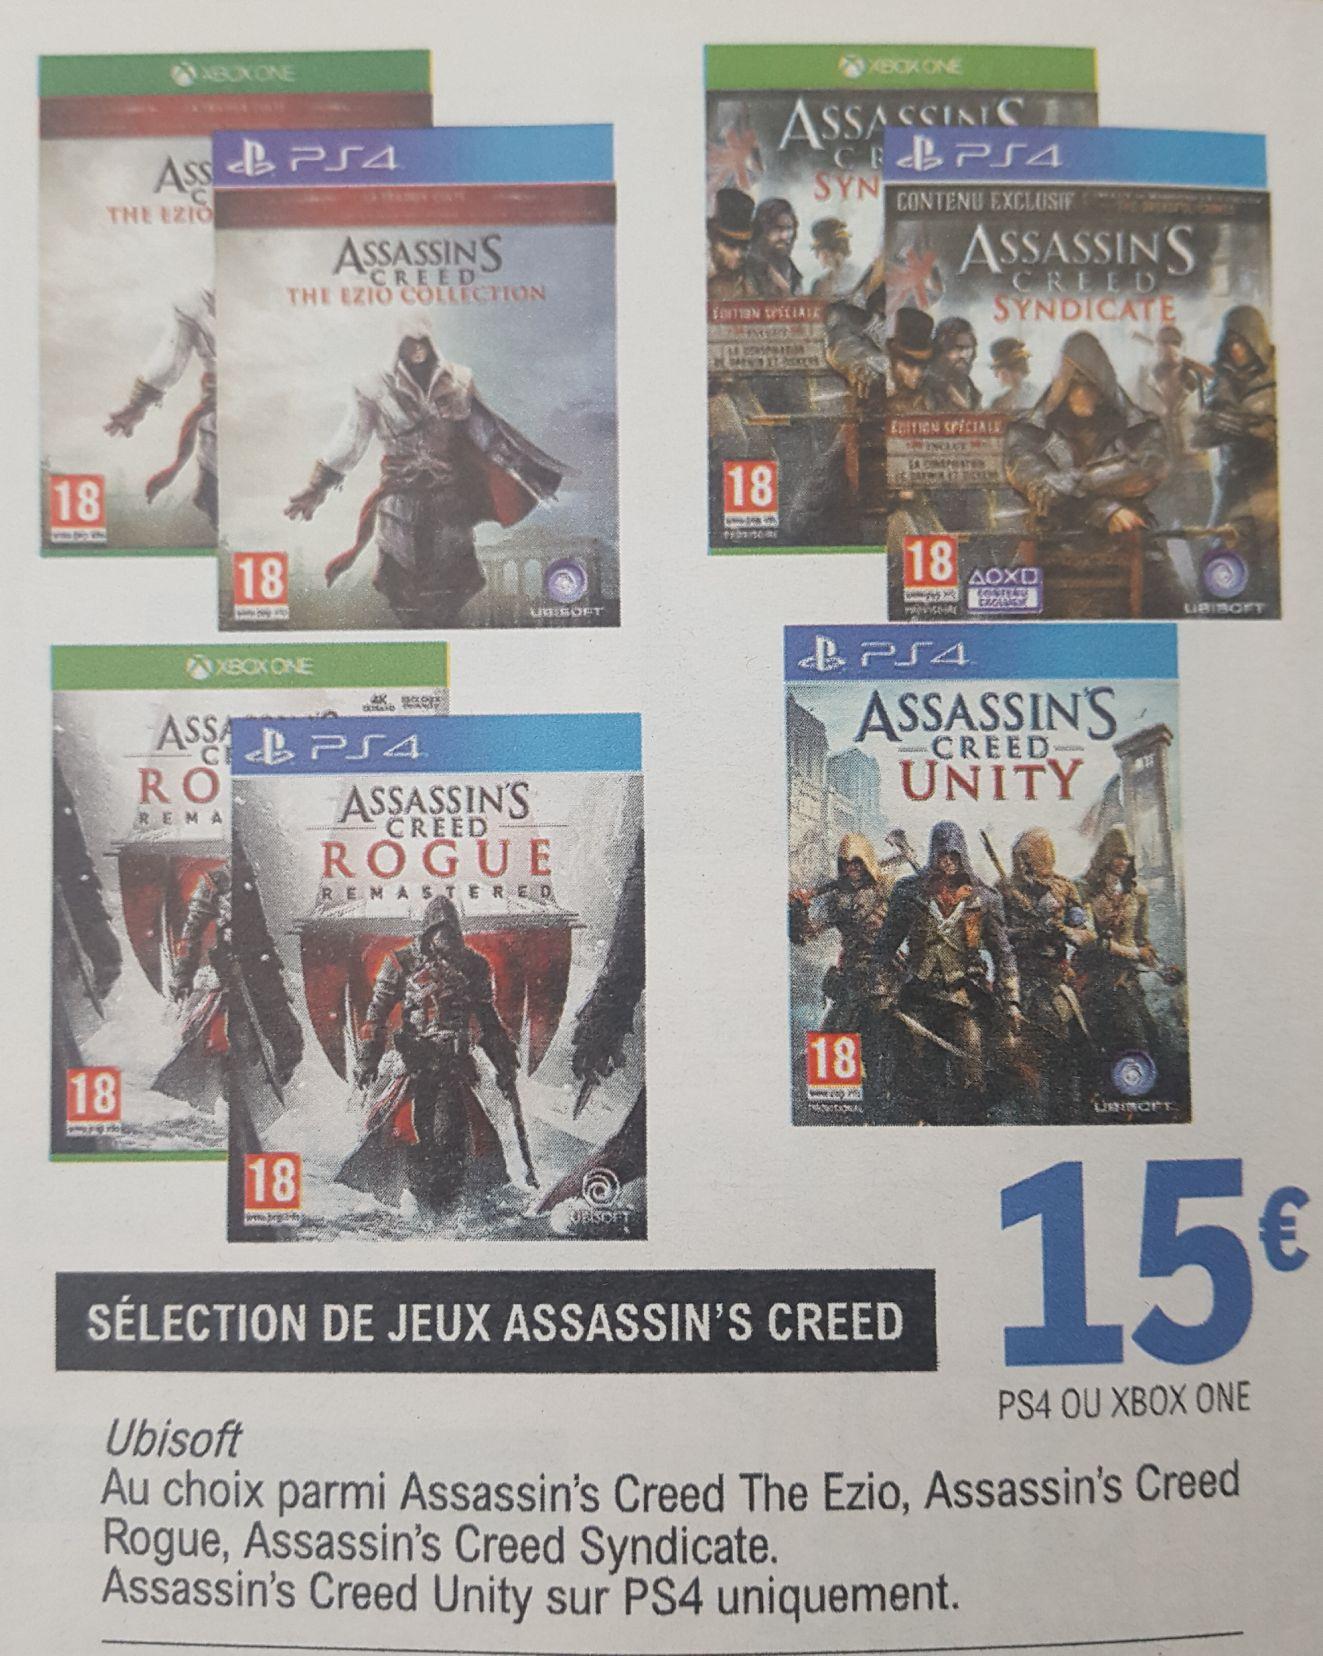 Sélection de jeux Assassin's Creed à 15€ - Ex: Assassin's Creed Ezio Collection ou Rogue Remastered